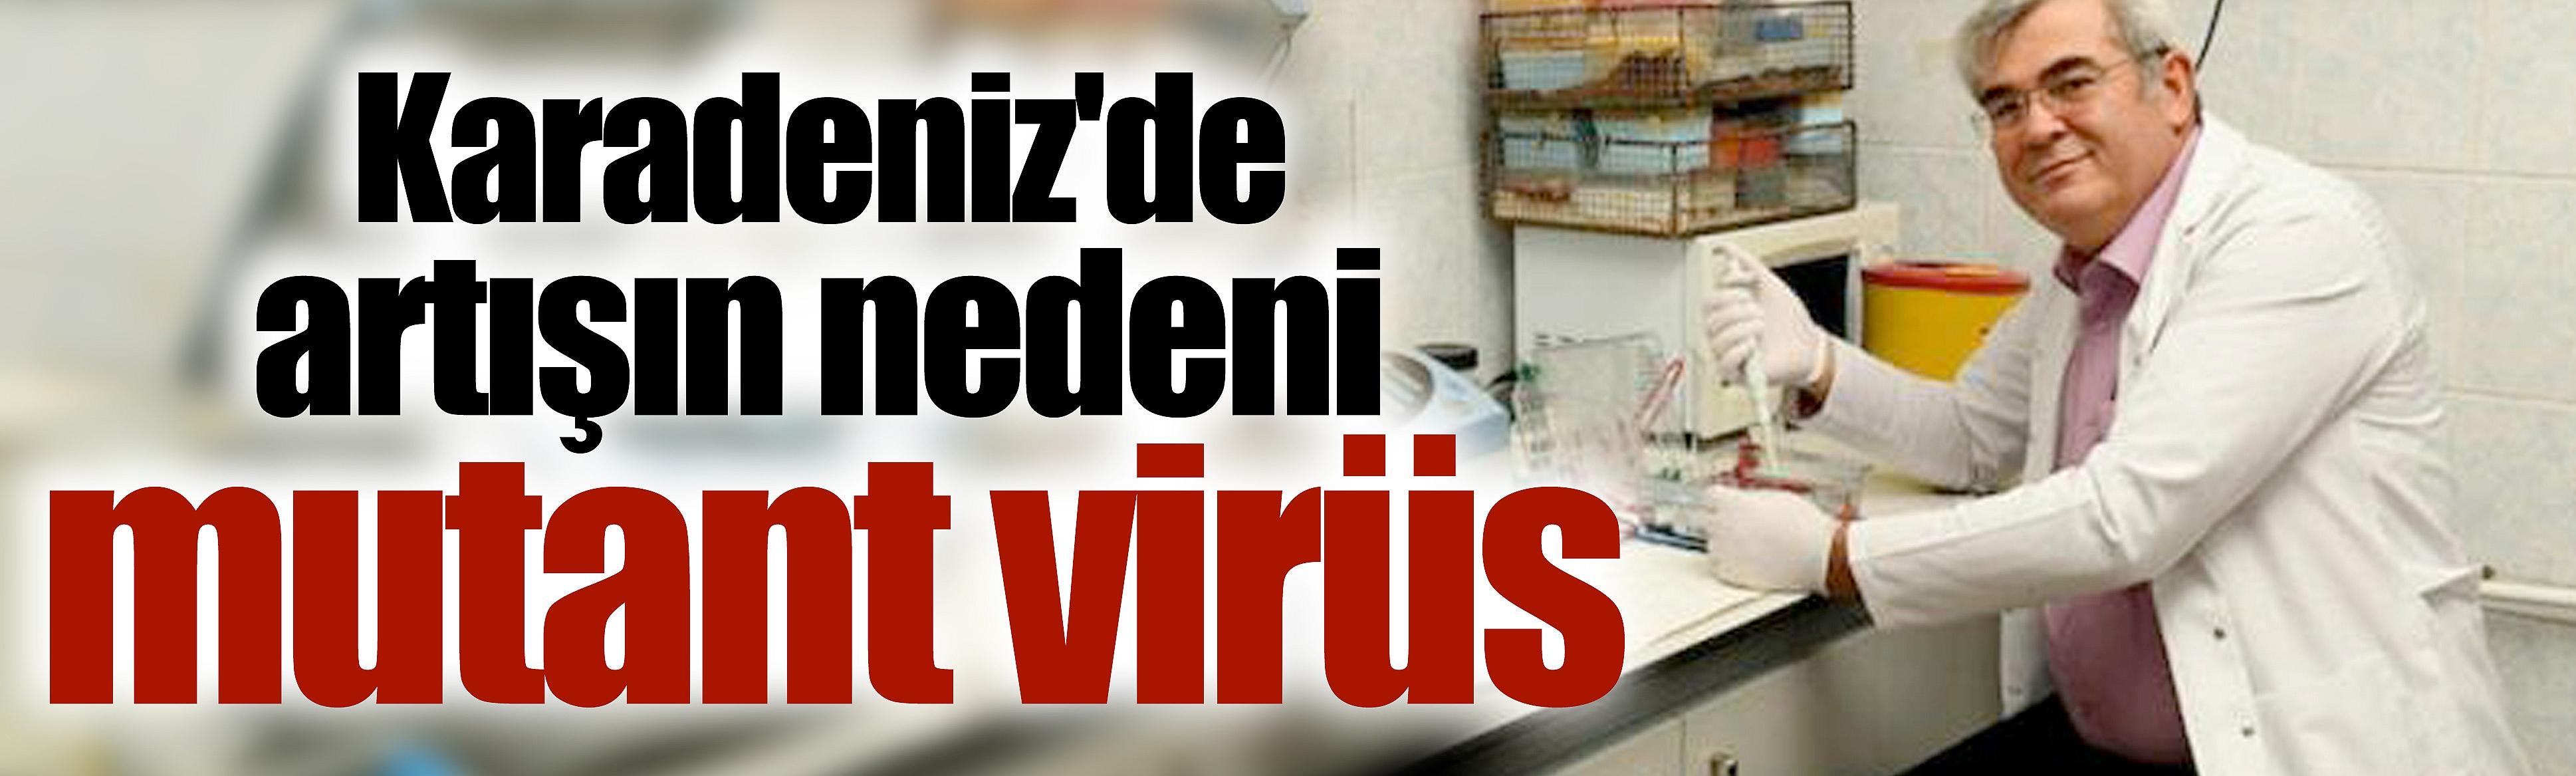 Karadeniz'de artışınınnedeni mutant virüs